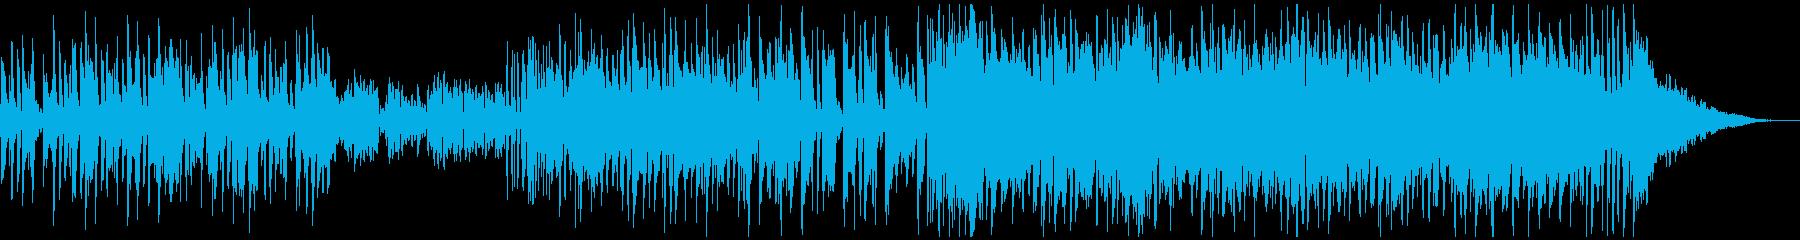 上質な雰囲気のミディアムテンポ曲の再生済みの波形